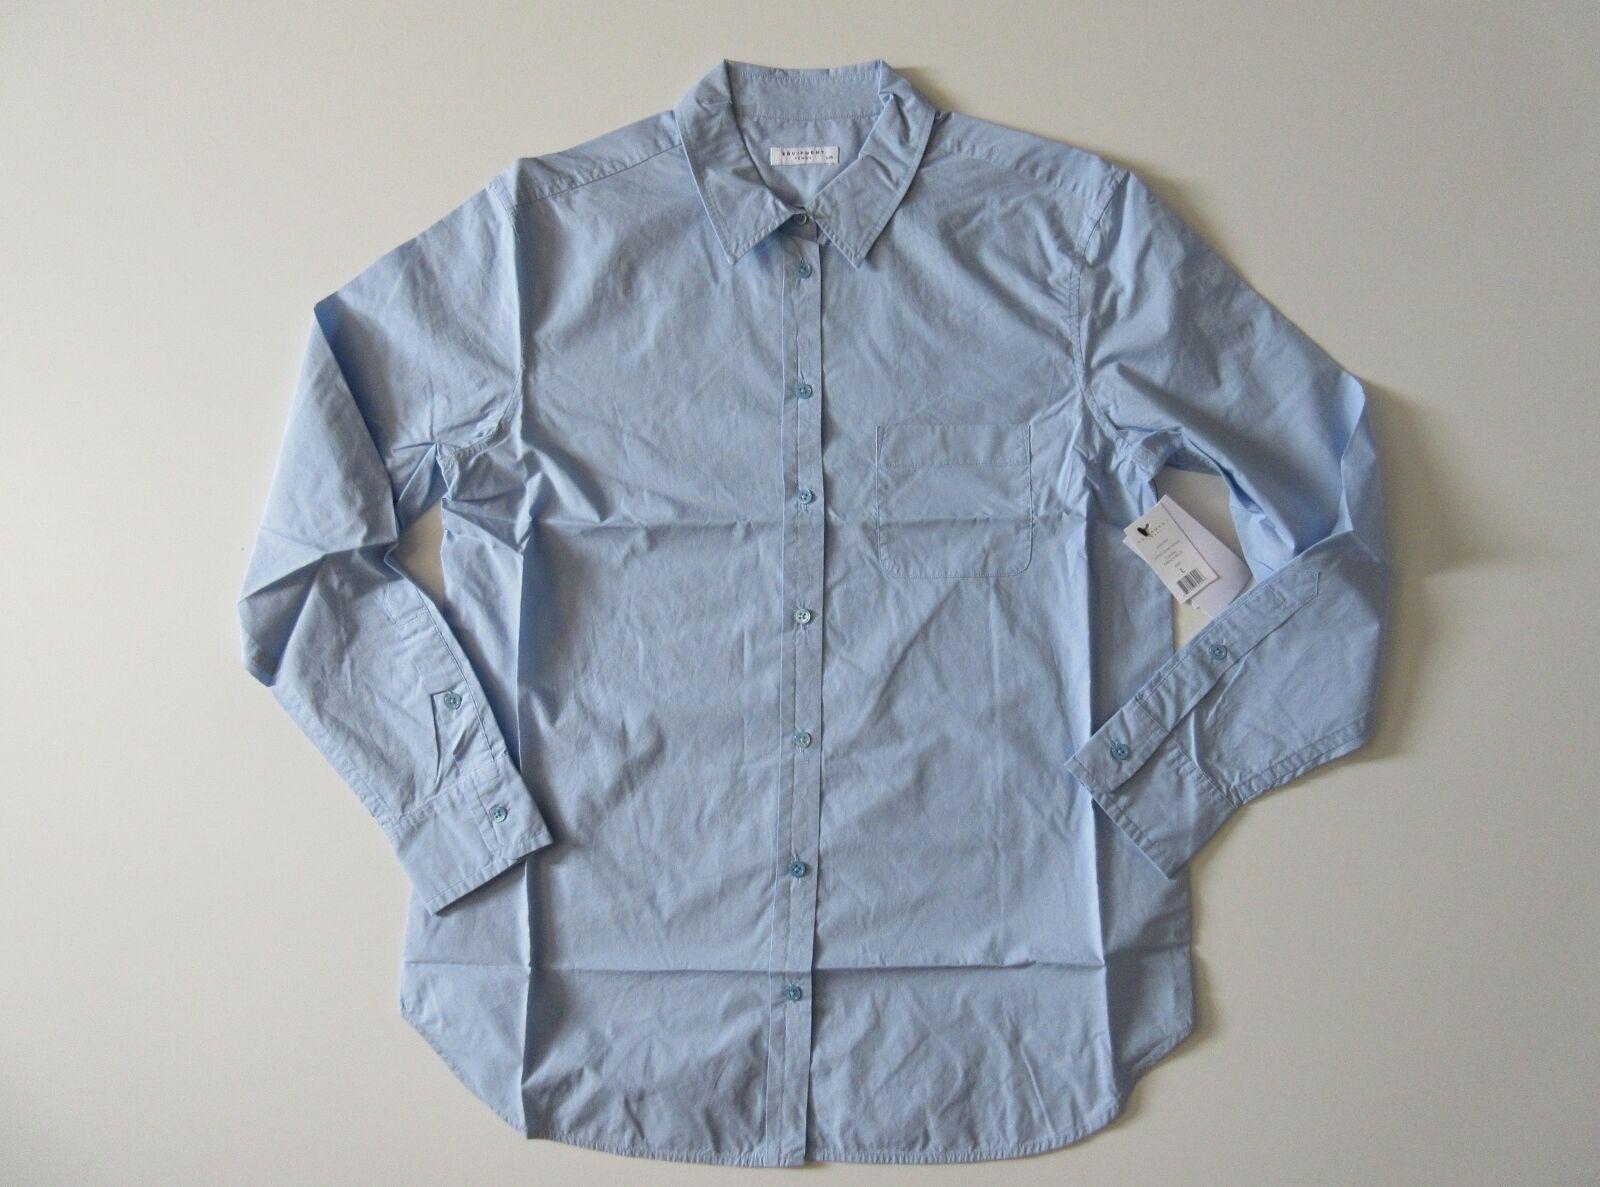 NWT Equipment Kenton in French Blau L S Cotton Button Down Shirt L